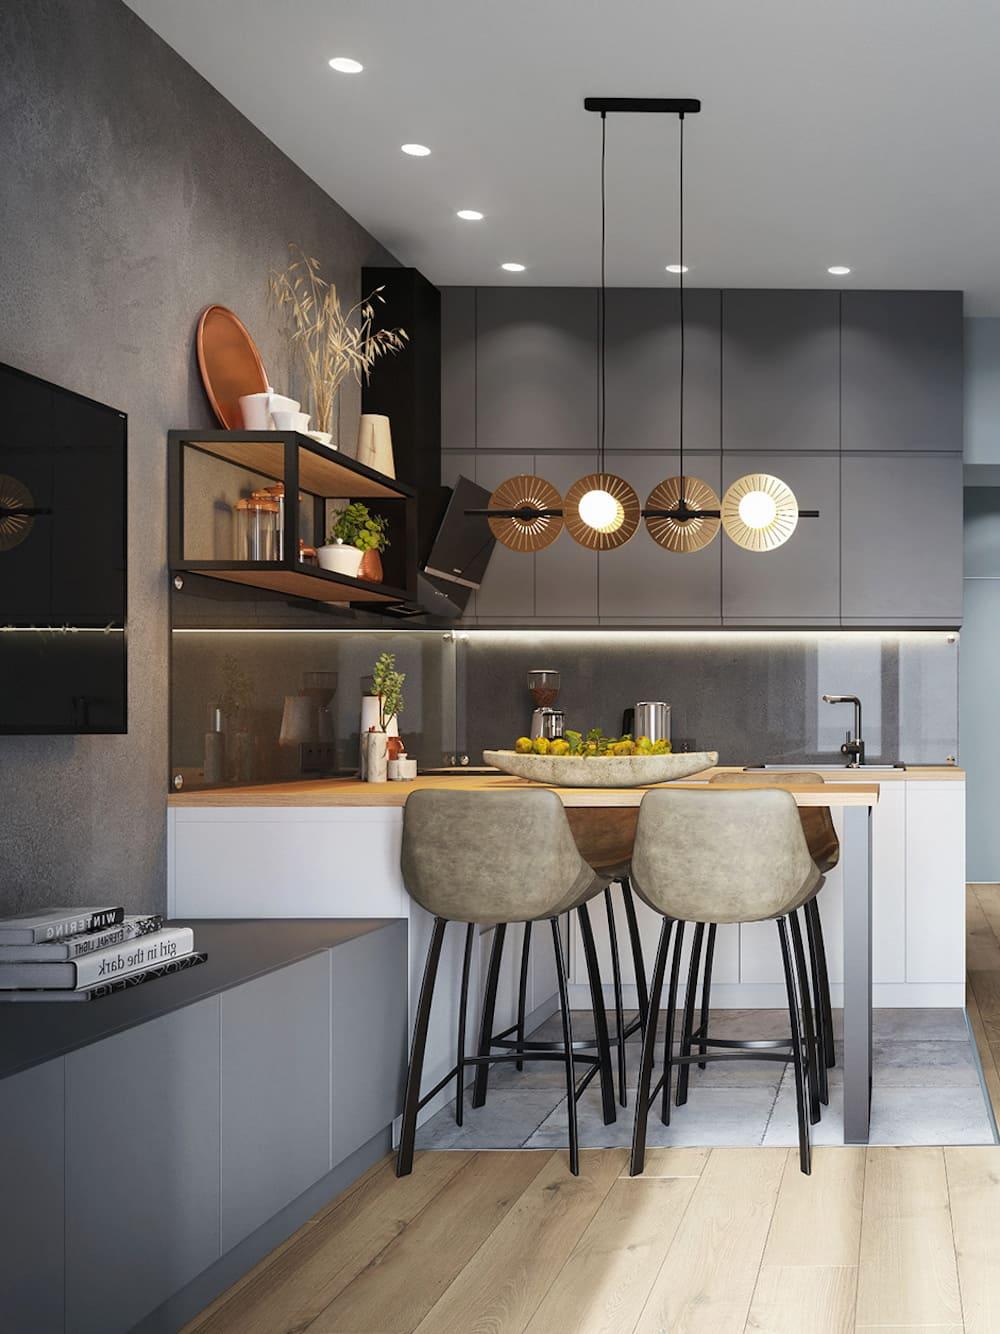 дизайн кухни в современном стиле фото 91